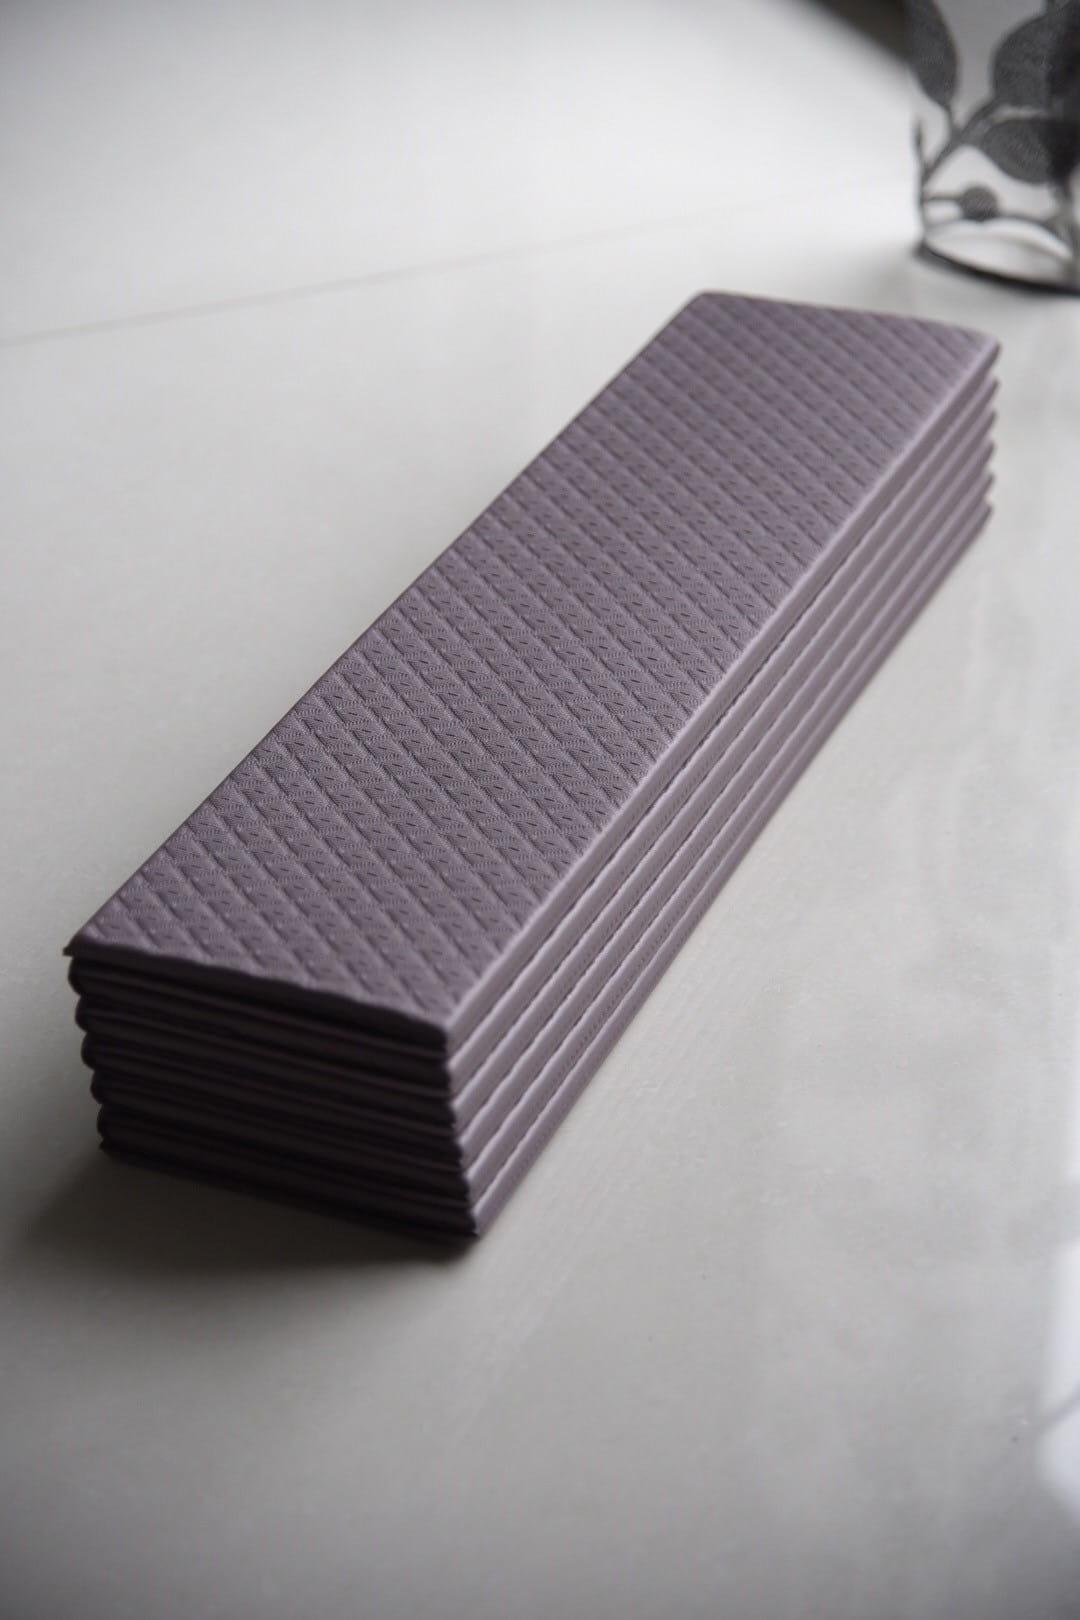 【QMAT】 12折疊瑜珈墊 一般雙色 8